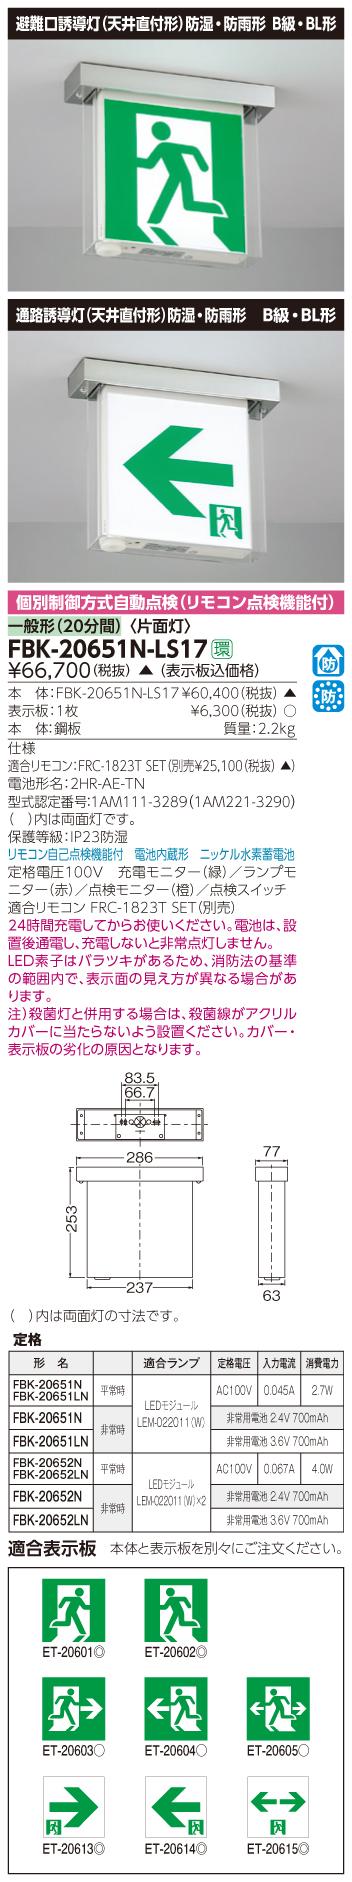 【法人様限定】東芝 FBK-20651N-LS17 LED誘導灯 天井直付形 防湿・防雨形 電池内蔵 片面 B級BL形 一般形(20分) 【表示板別売】